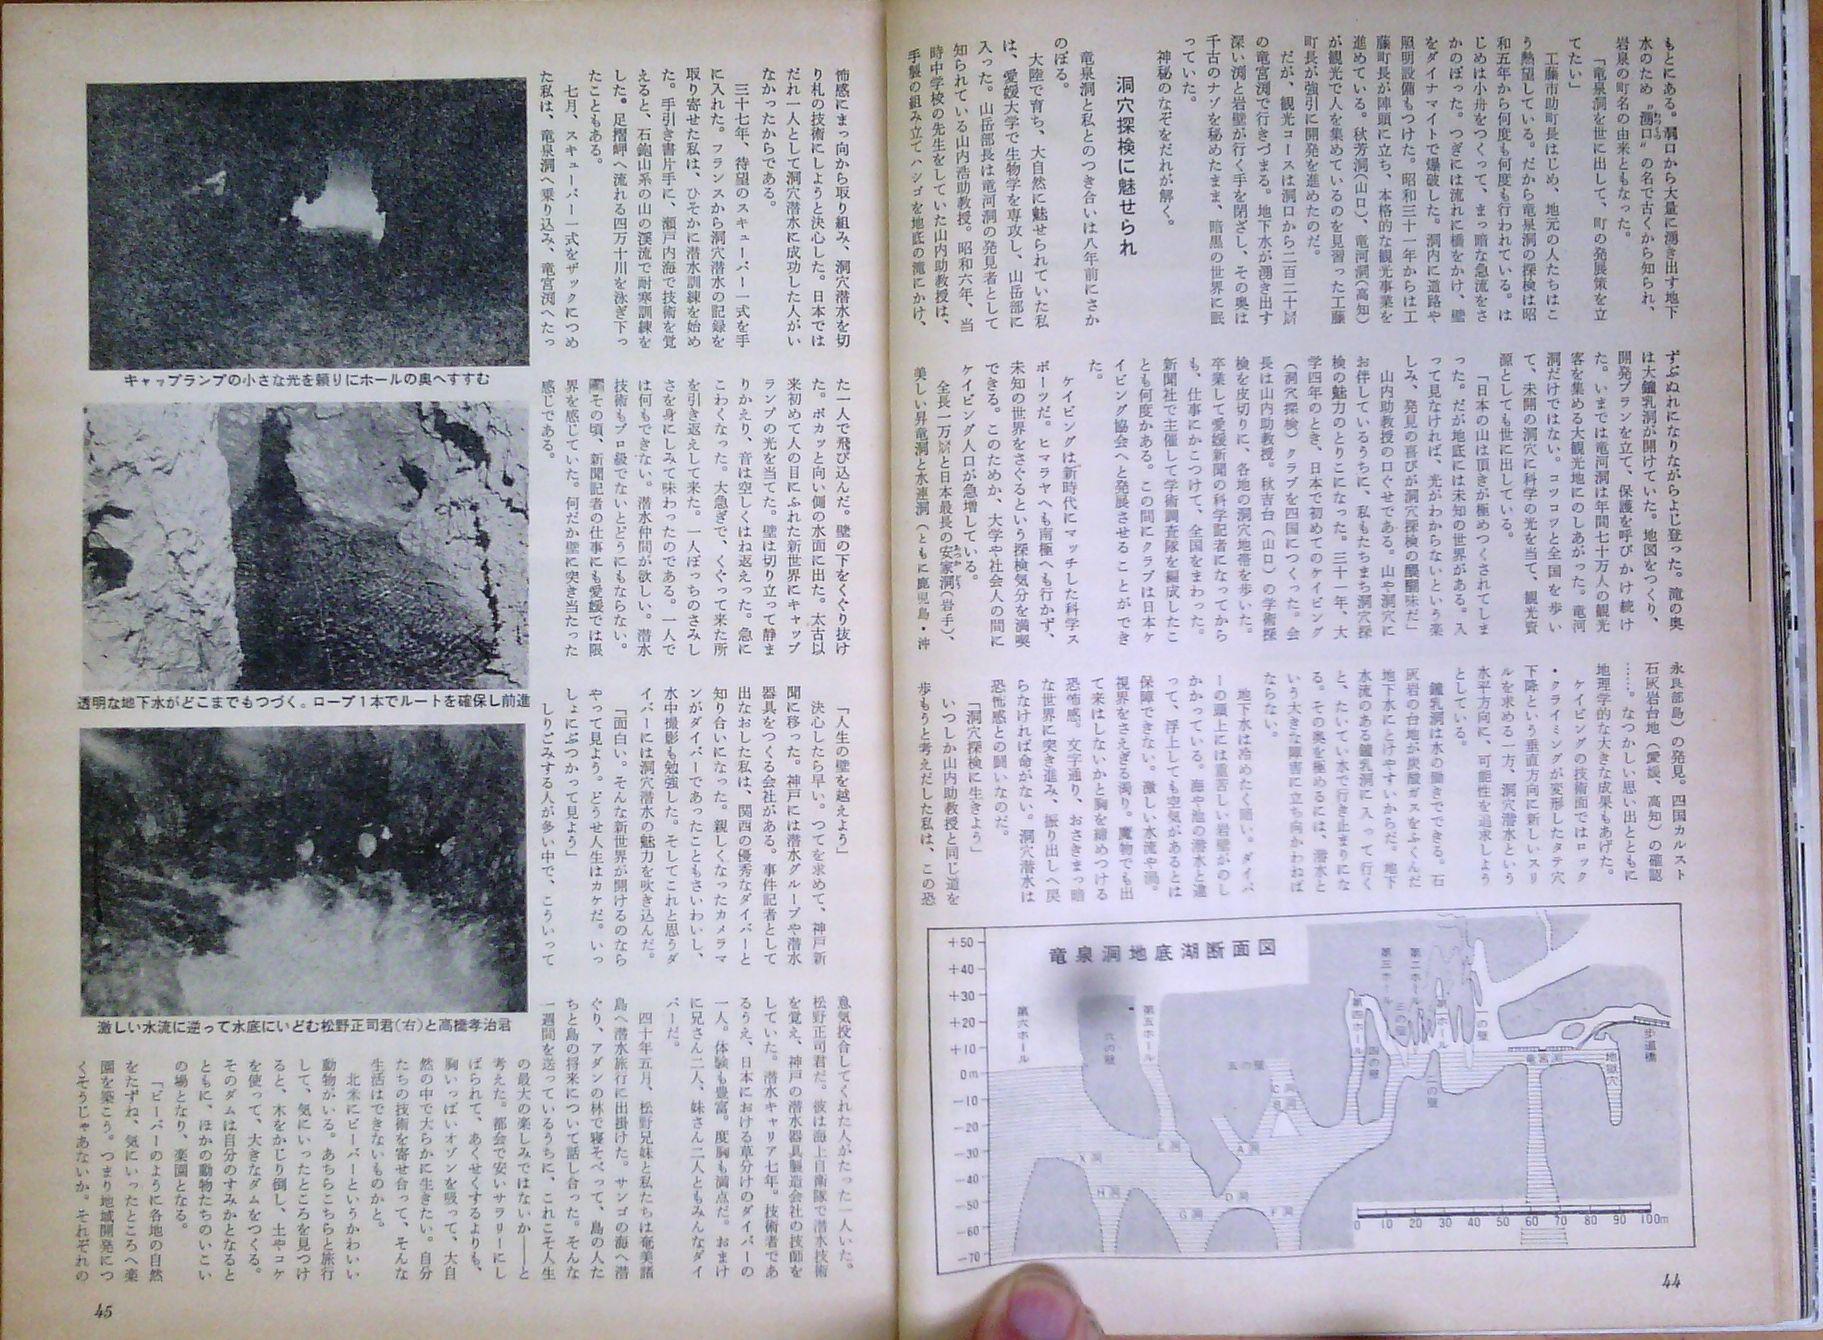 0325 ダイビングの歴史57 海の世界 1968-02_b0075059_14231569.jpg